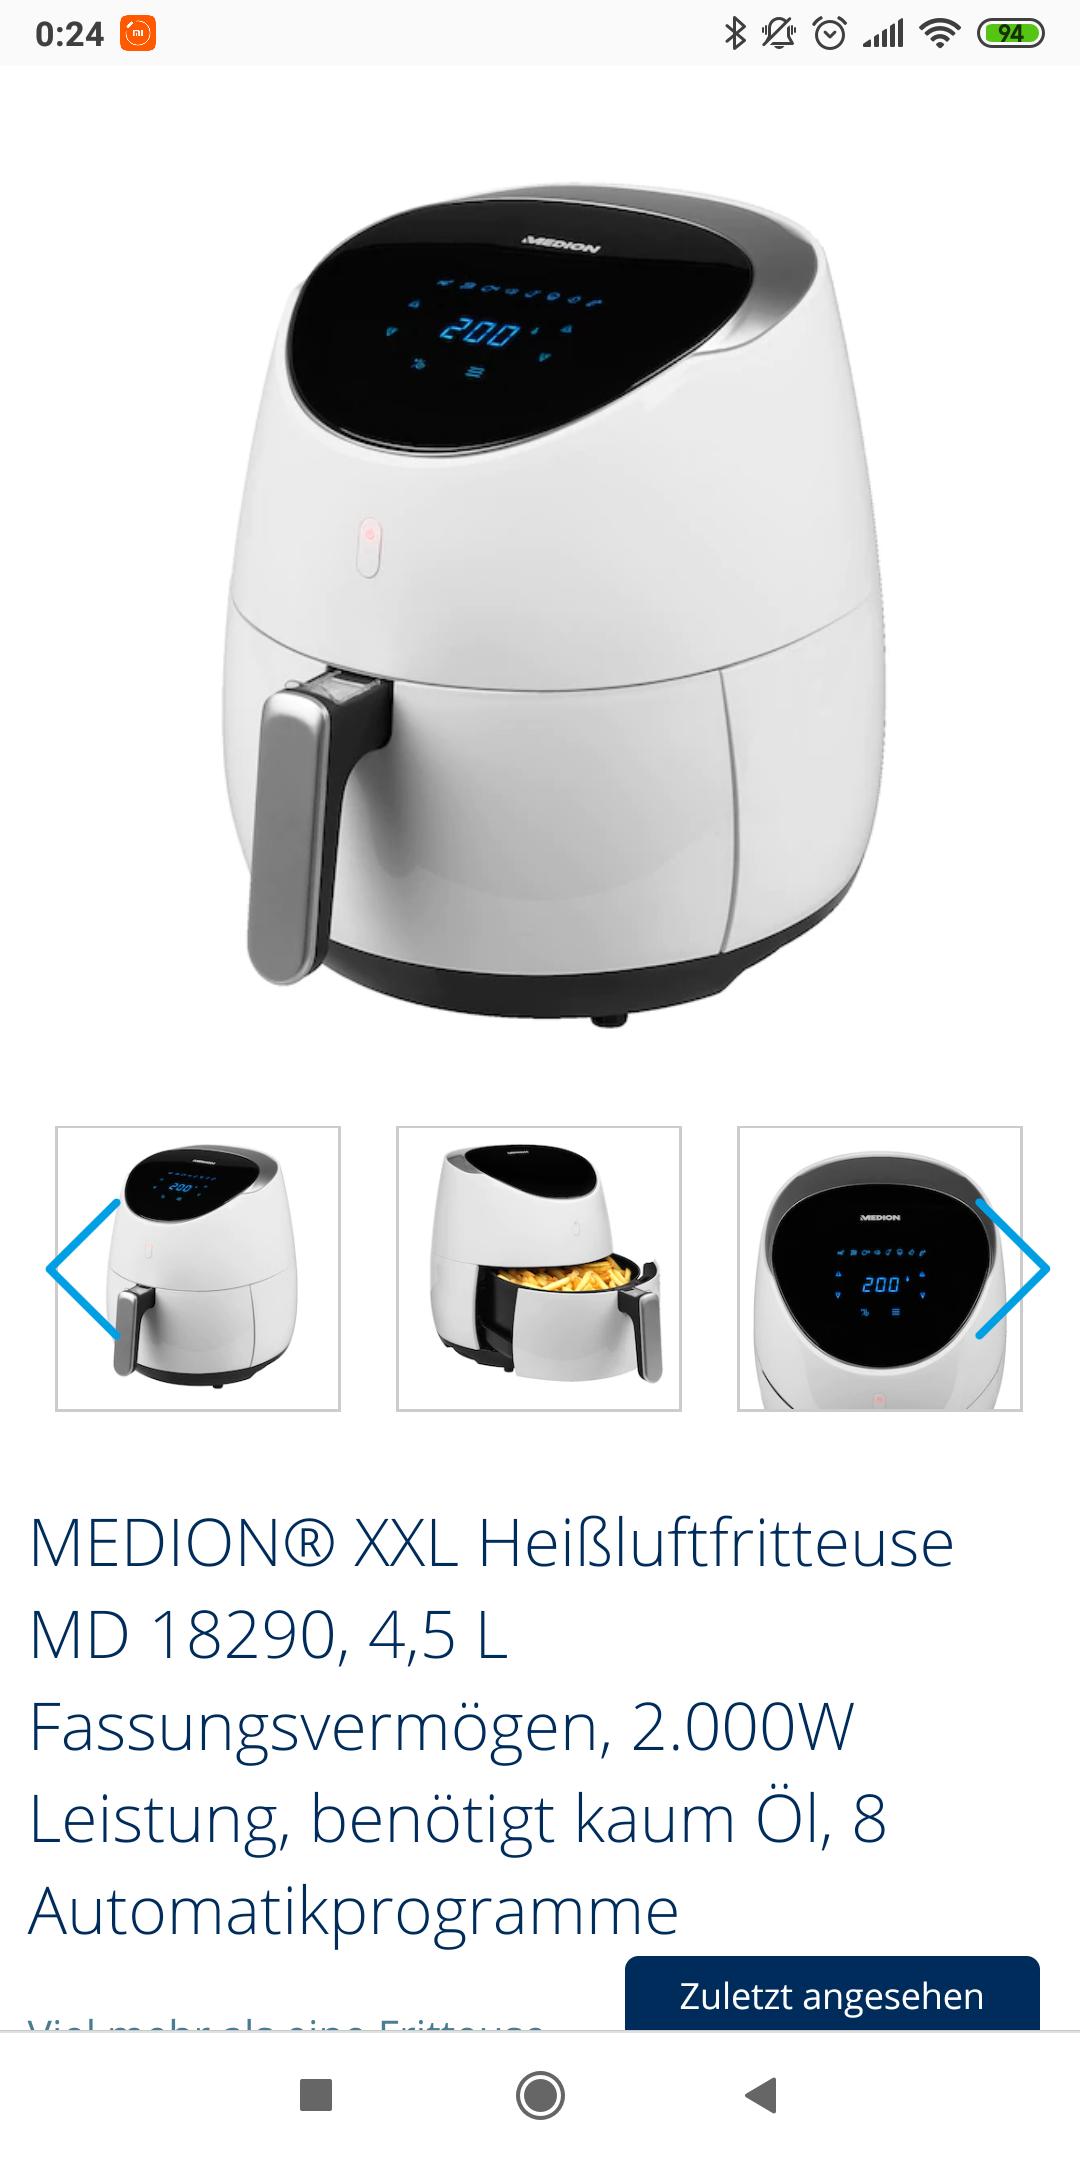 Medion Digitale Heißluftfritteuse XL MD18290 2000 Watt